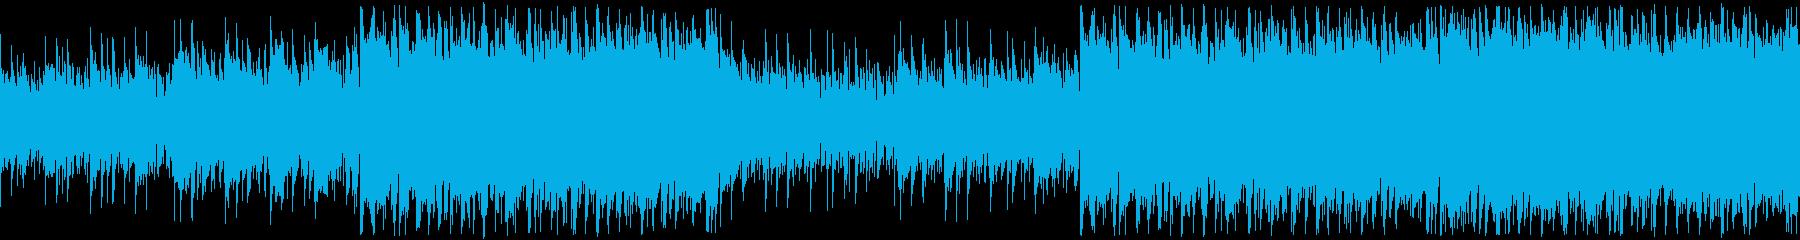 和風・凛としたかっこいい映像・ループの再生済みの波形